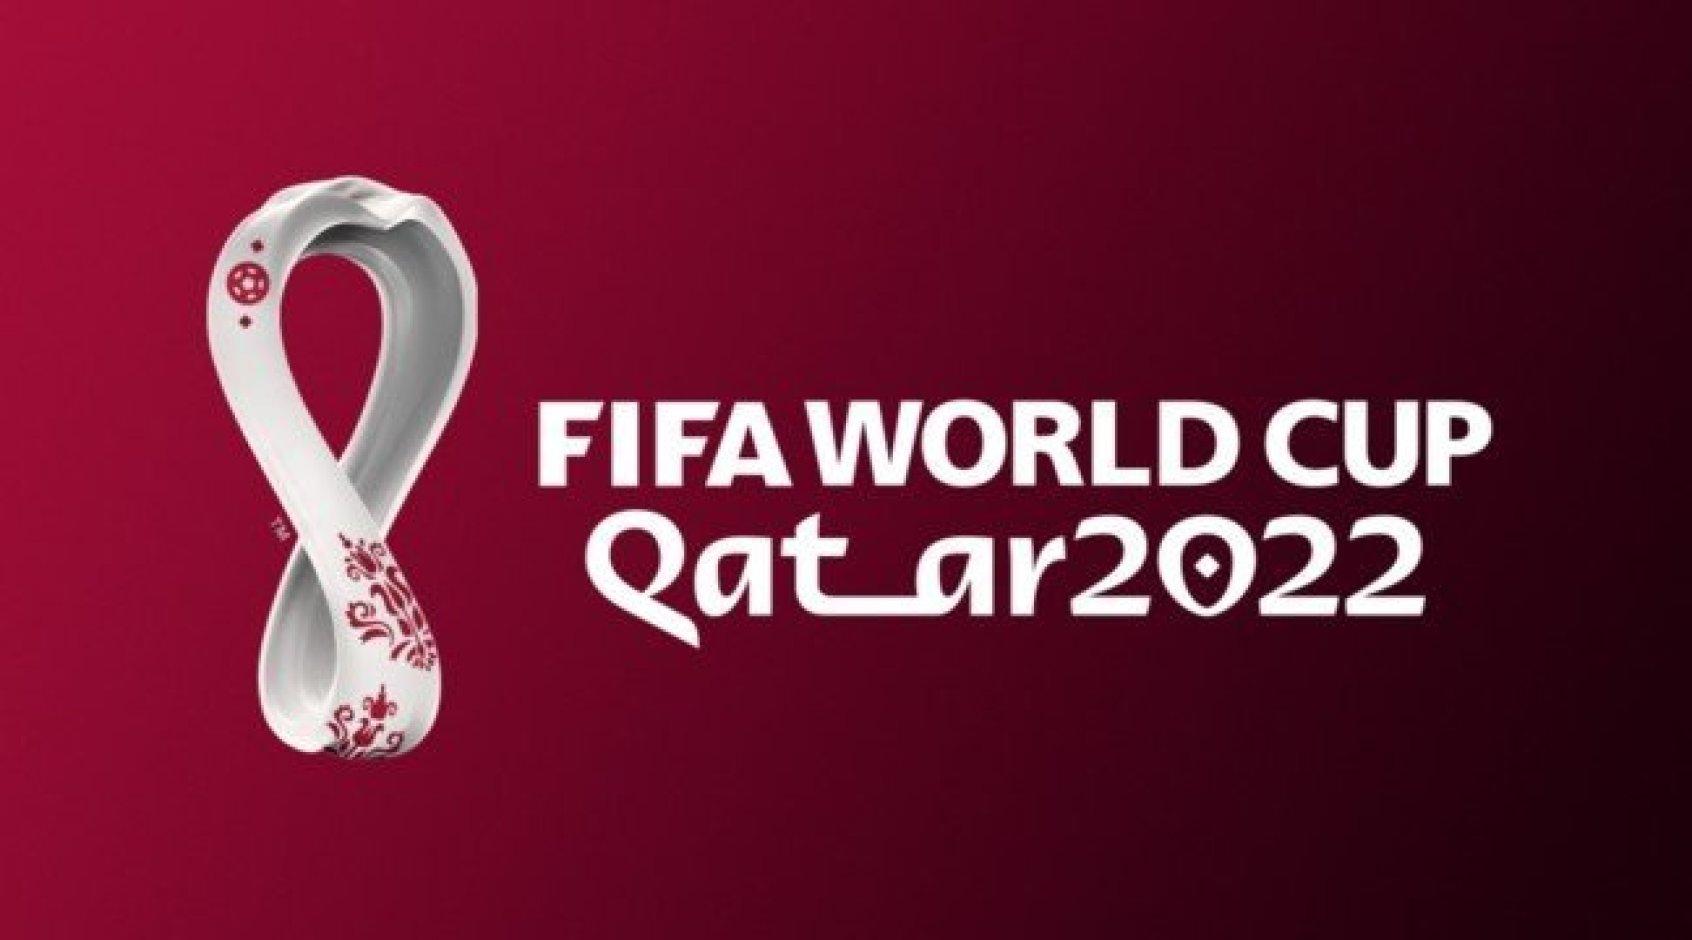 ЧС-2022: відома дата жеребкування відбірного турніру в зоні УЄФА